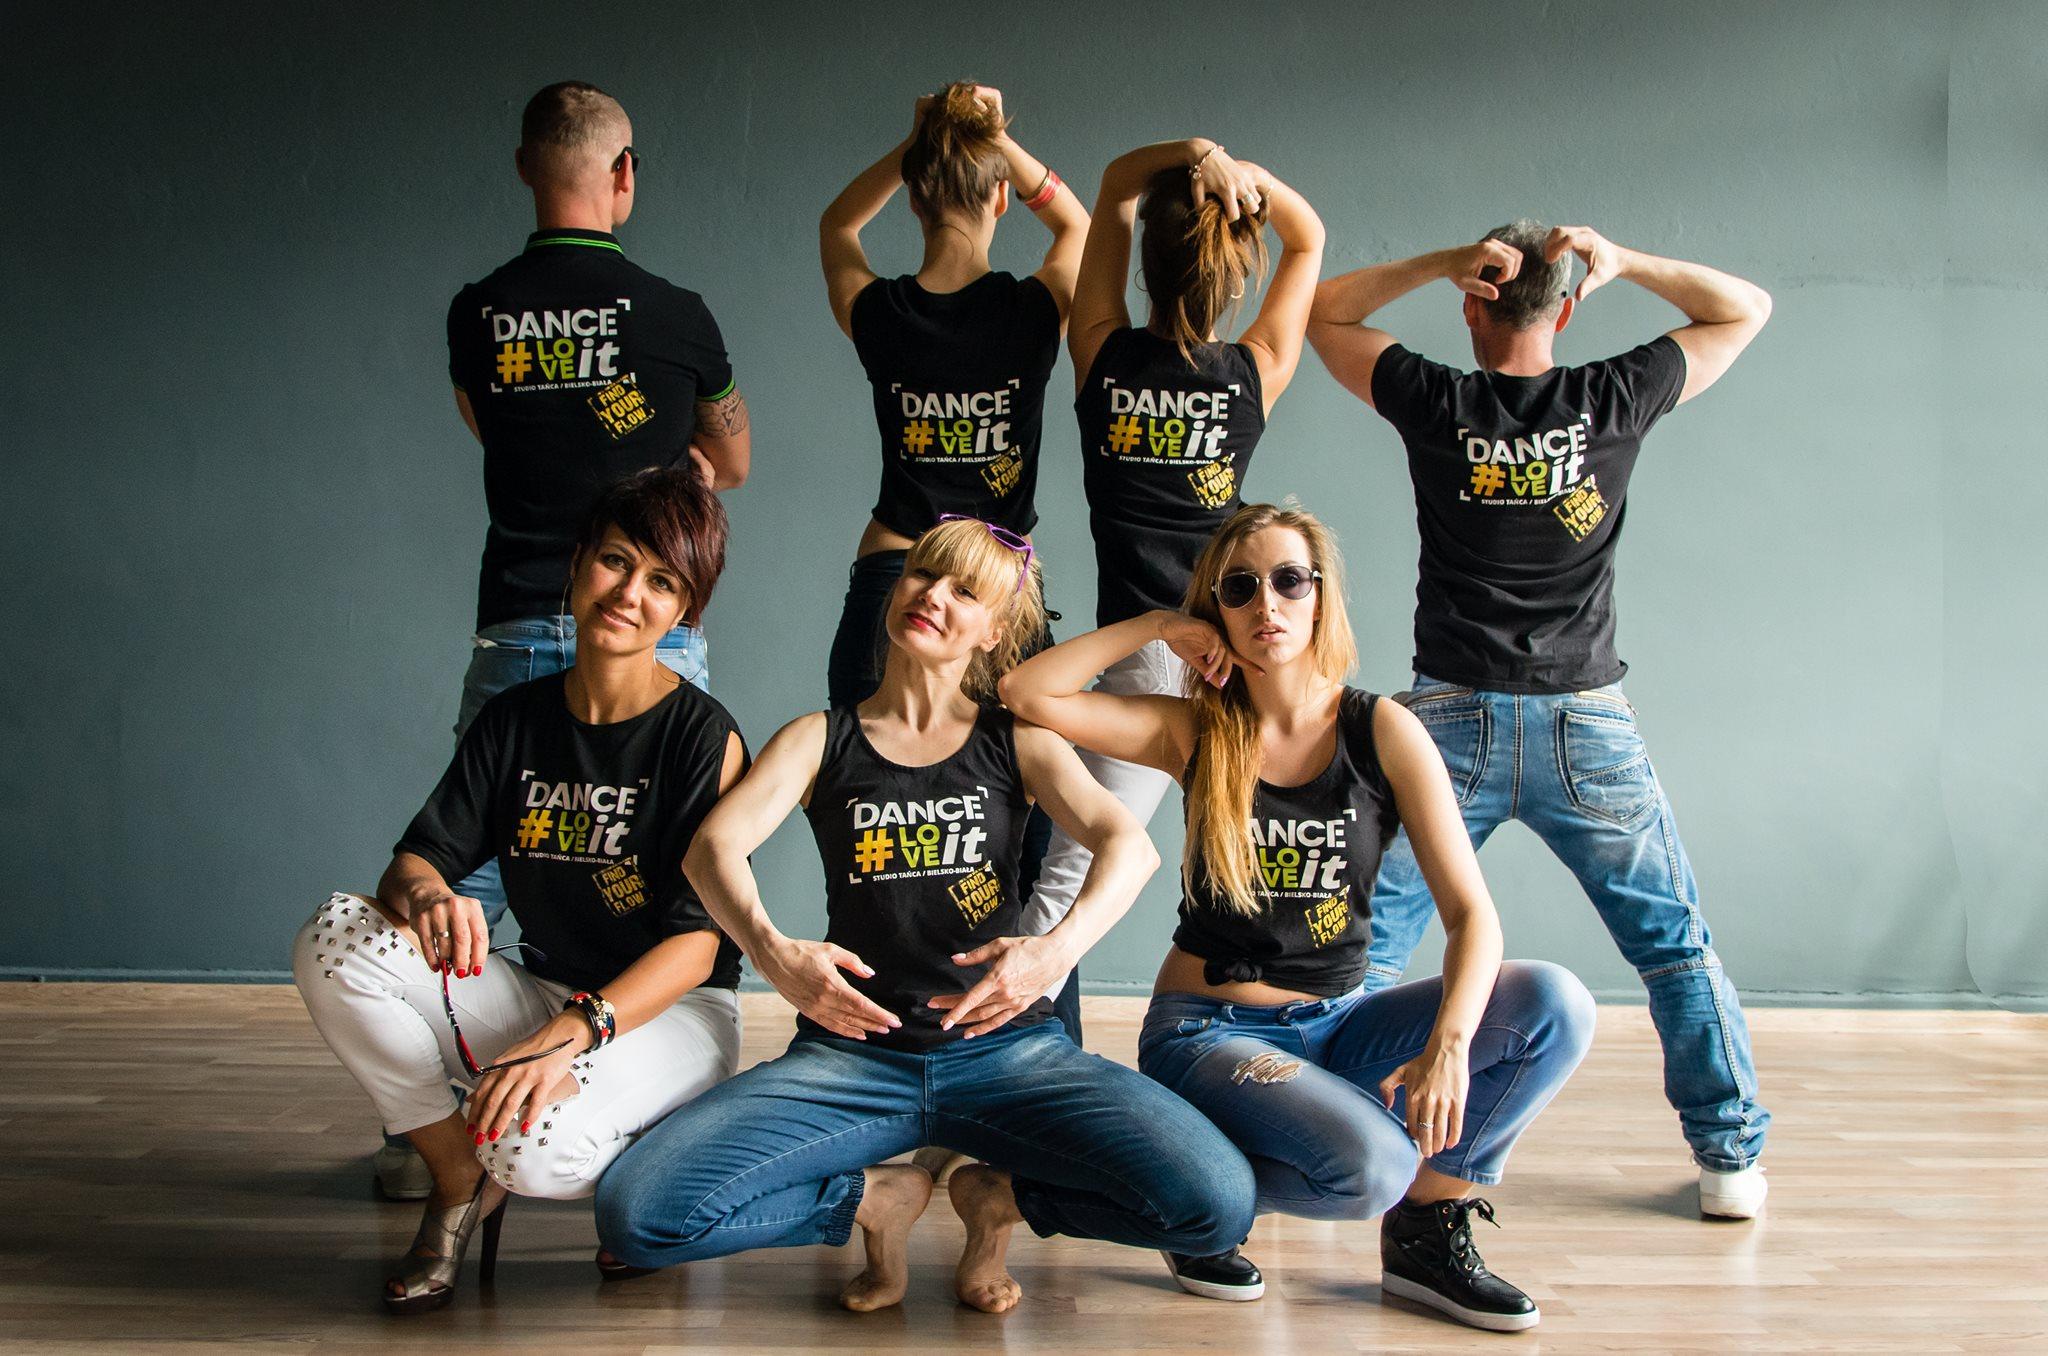 danceloveit-ekipa-staff-instruktorzy-studio-tańca-bielsko-o-nas